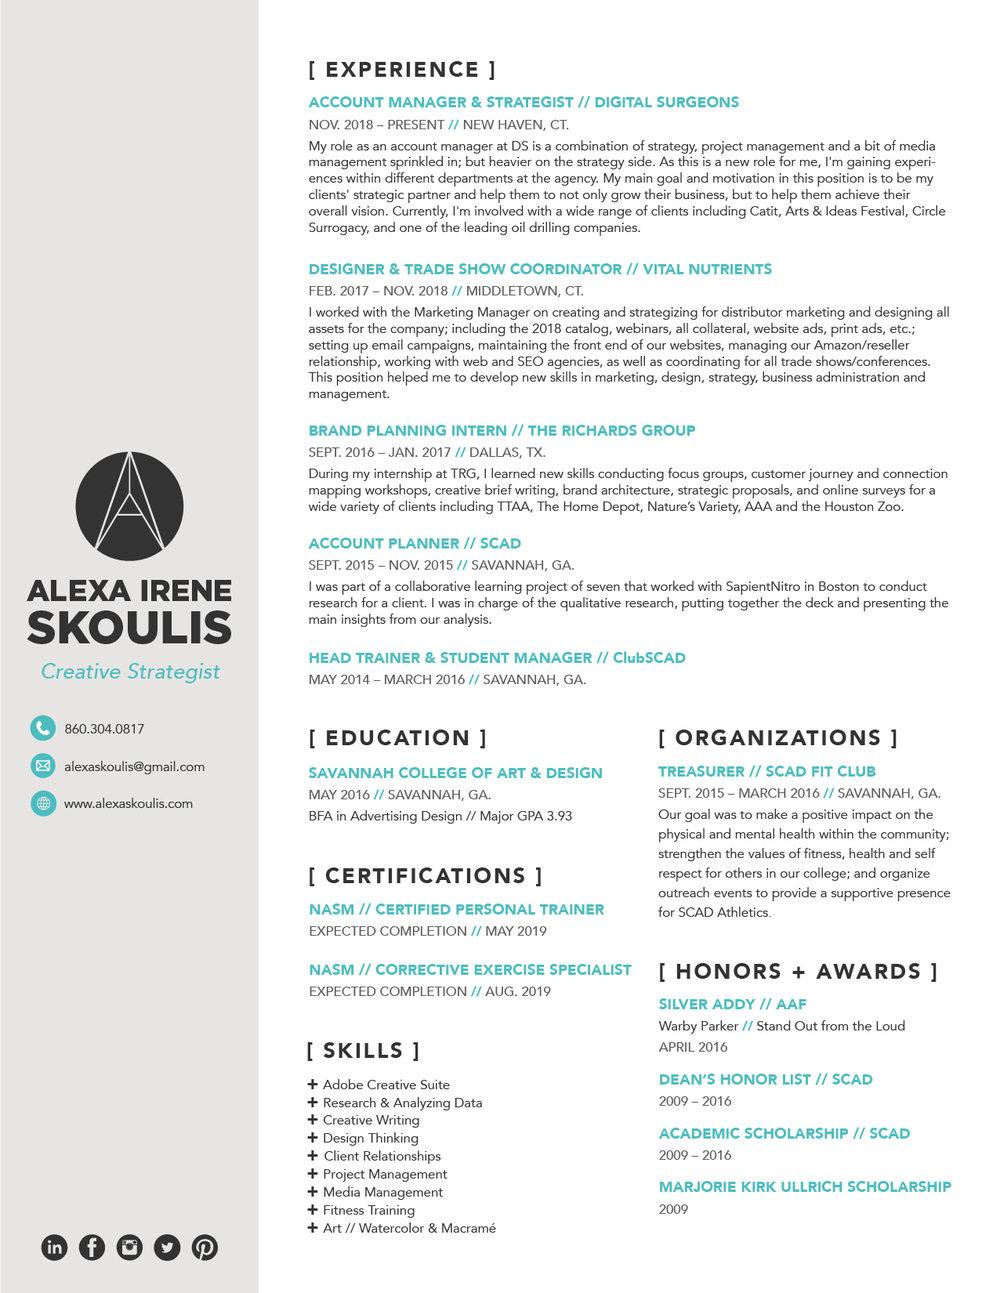 Alexa Skoulis Resume 2019.jpg